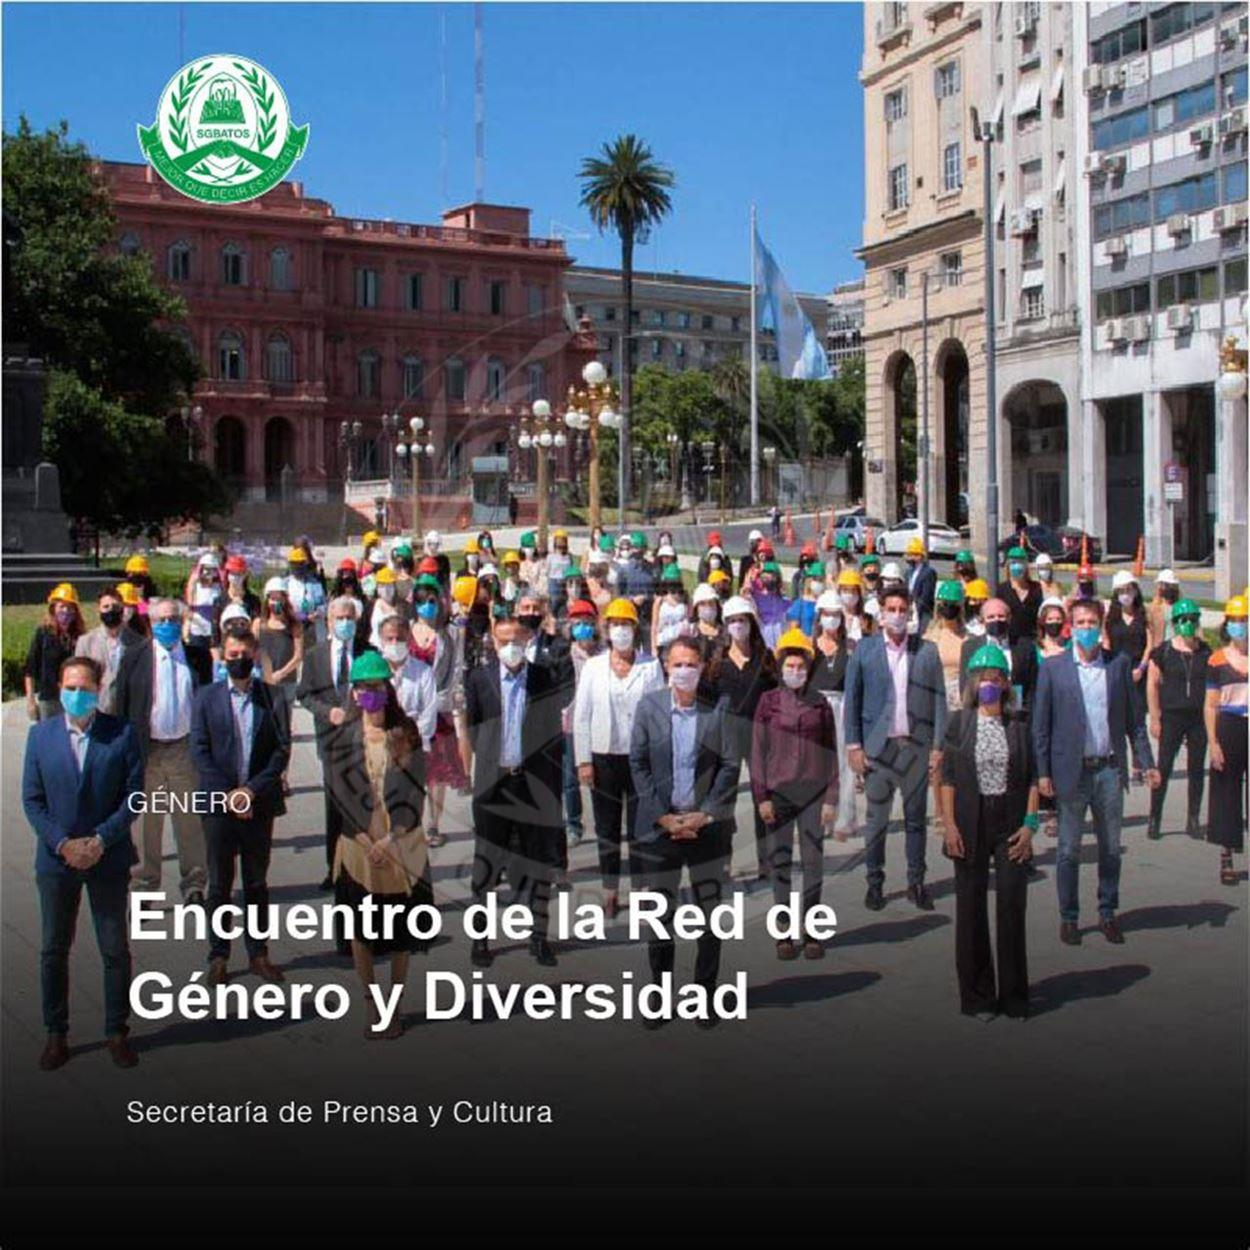 Encuentro de la Red de Género y Diversidad 2020